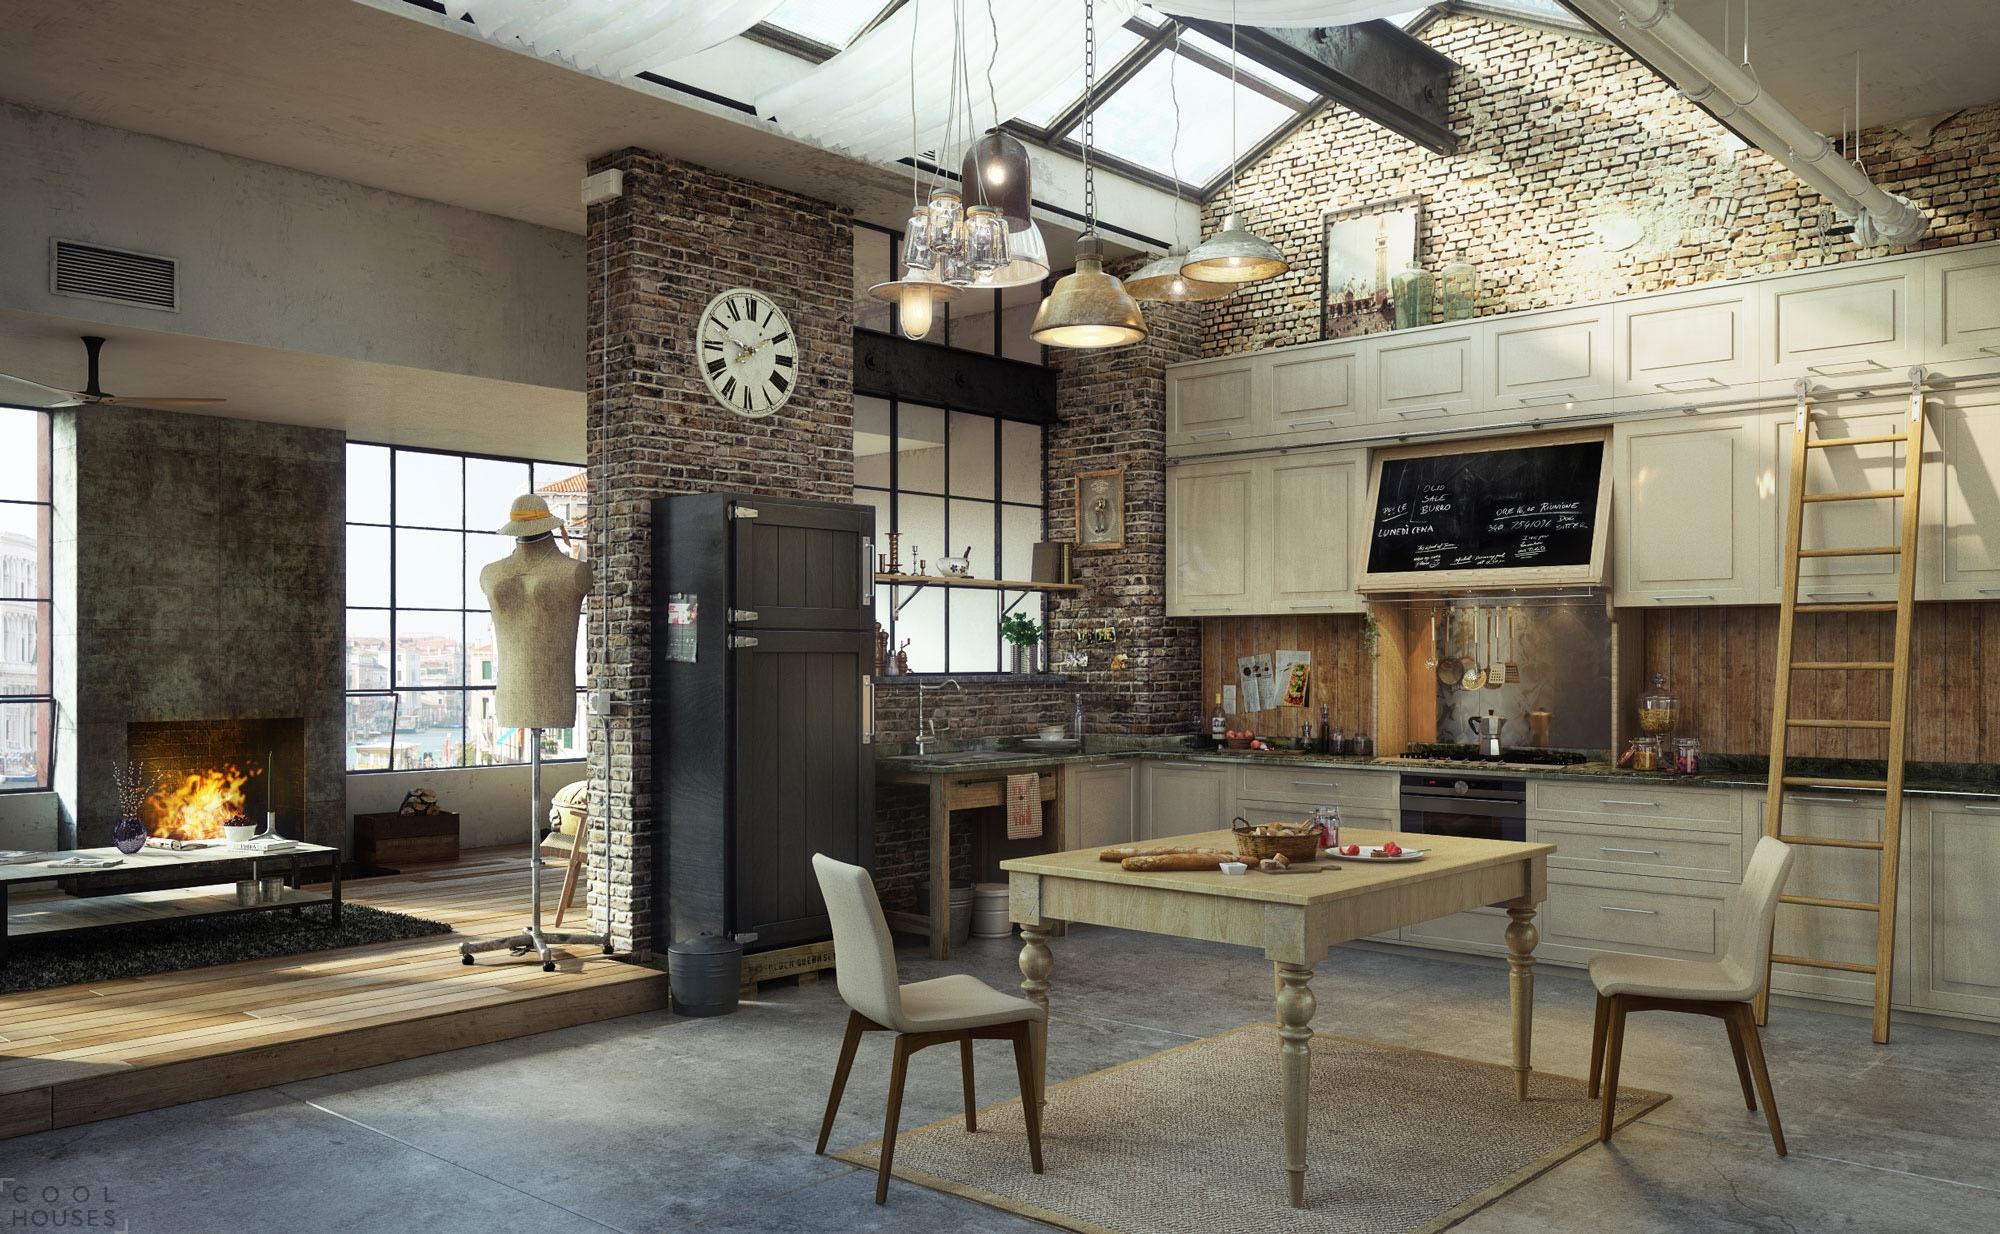 Проект дизайна квартиры, созданный в 3Ds max